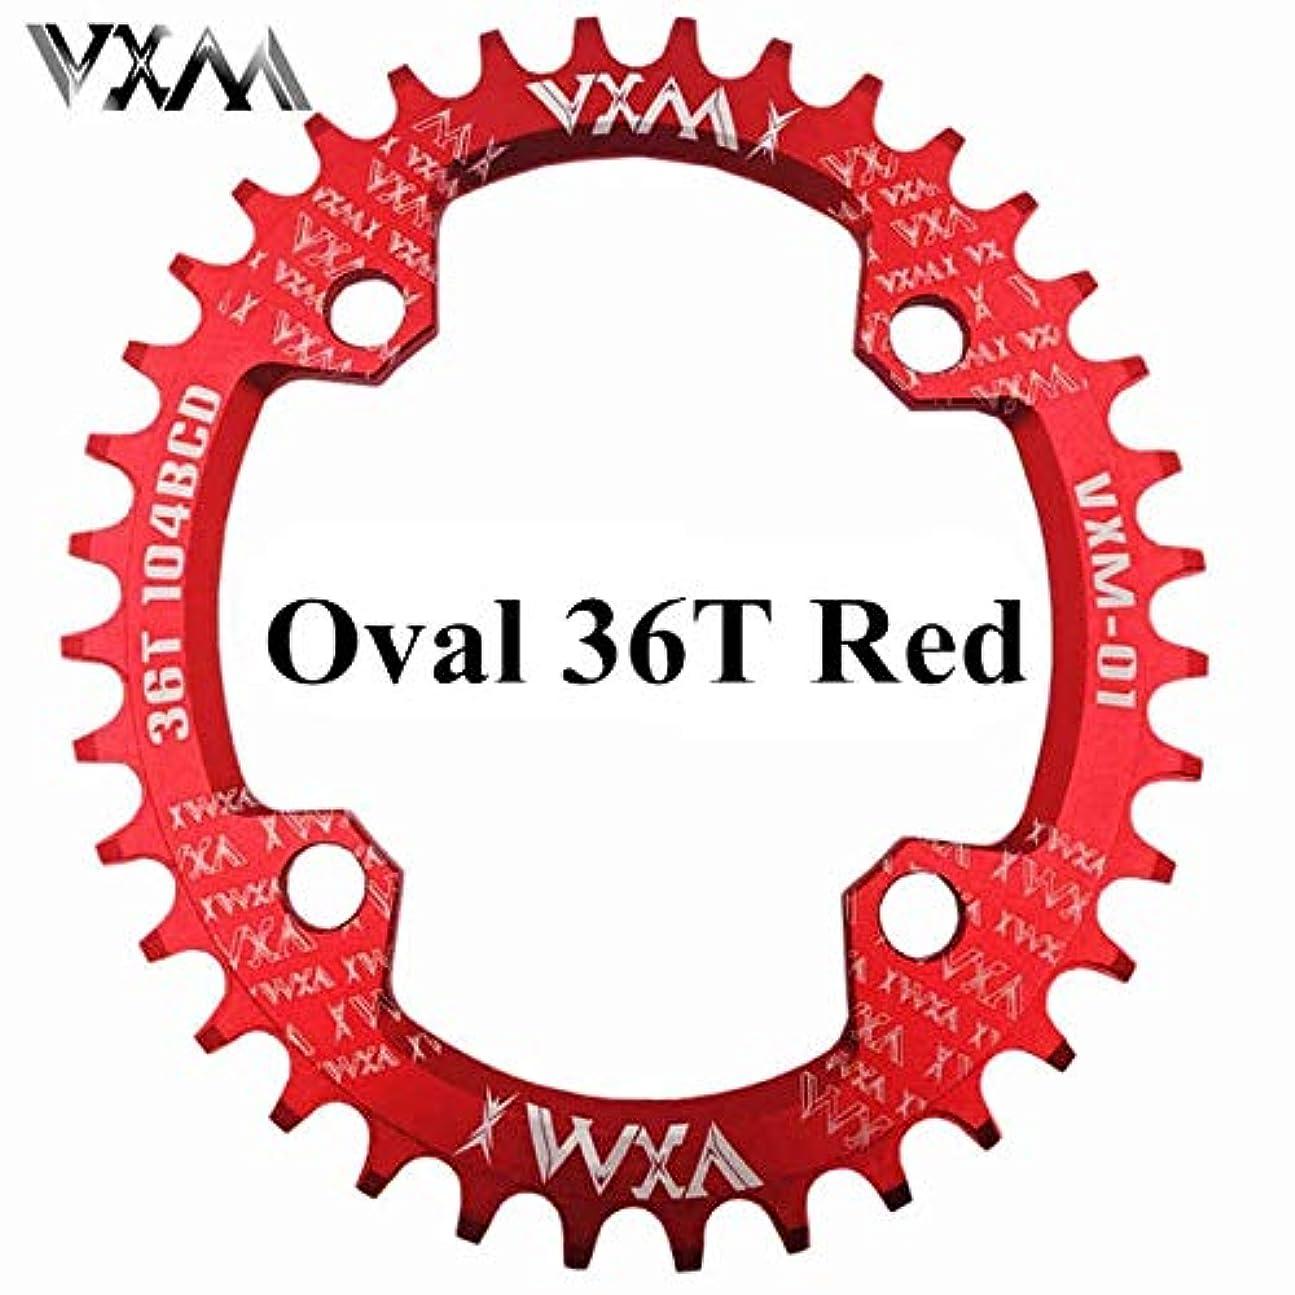 ヤングスクリュードライPropenary - 自転車104BCDクランクオーバルラウンド30T 32T 34T 36T 38T 40T 42T 44T 46T 48T 50T 52TチェーンホイールXT狭い広い自転車チェーンリング[オーバル36Tレッド]